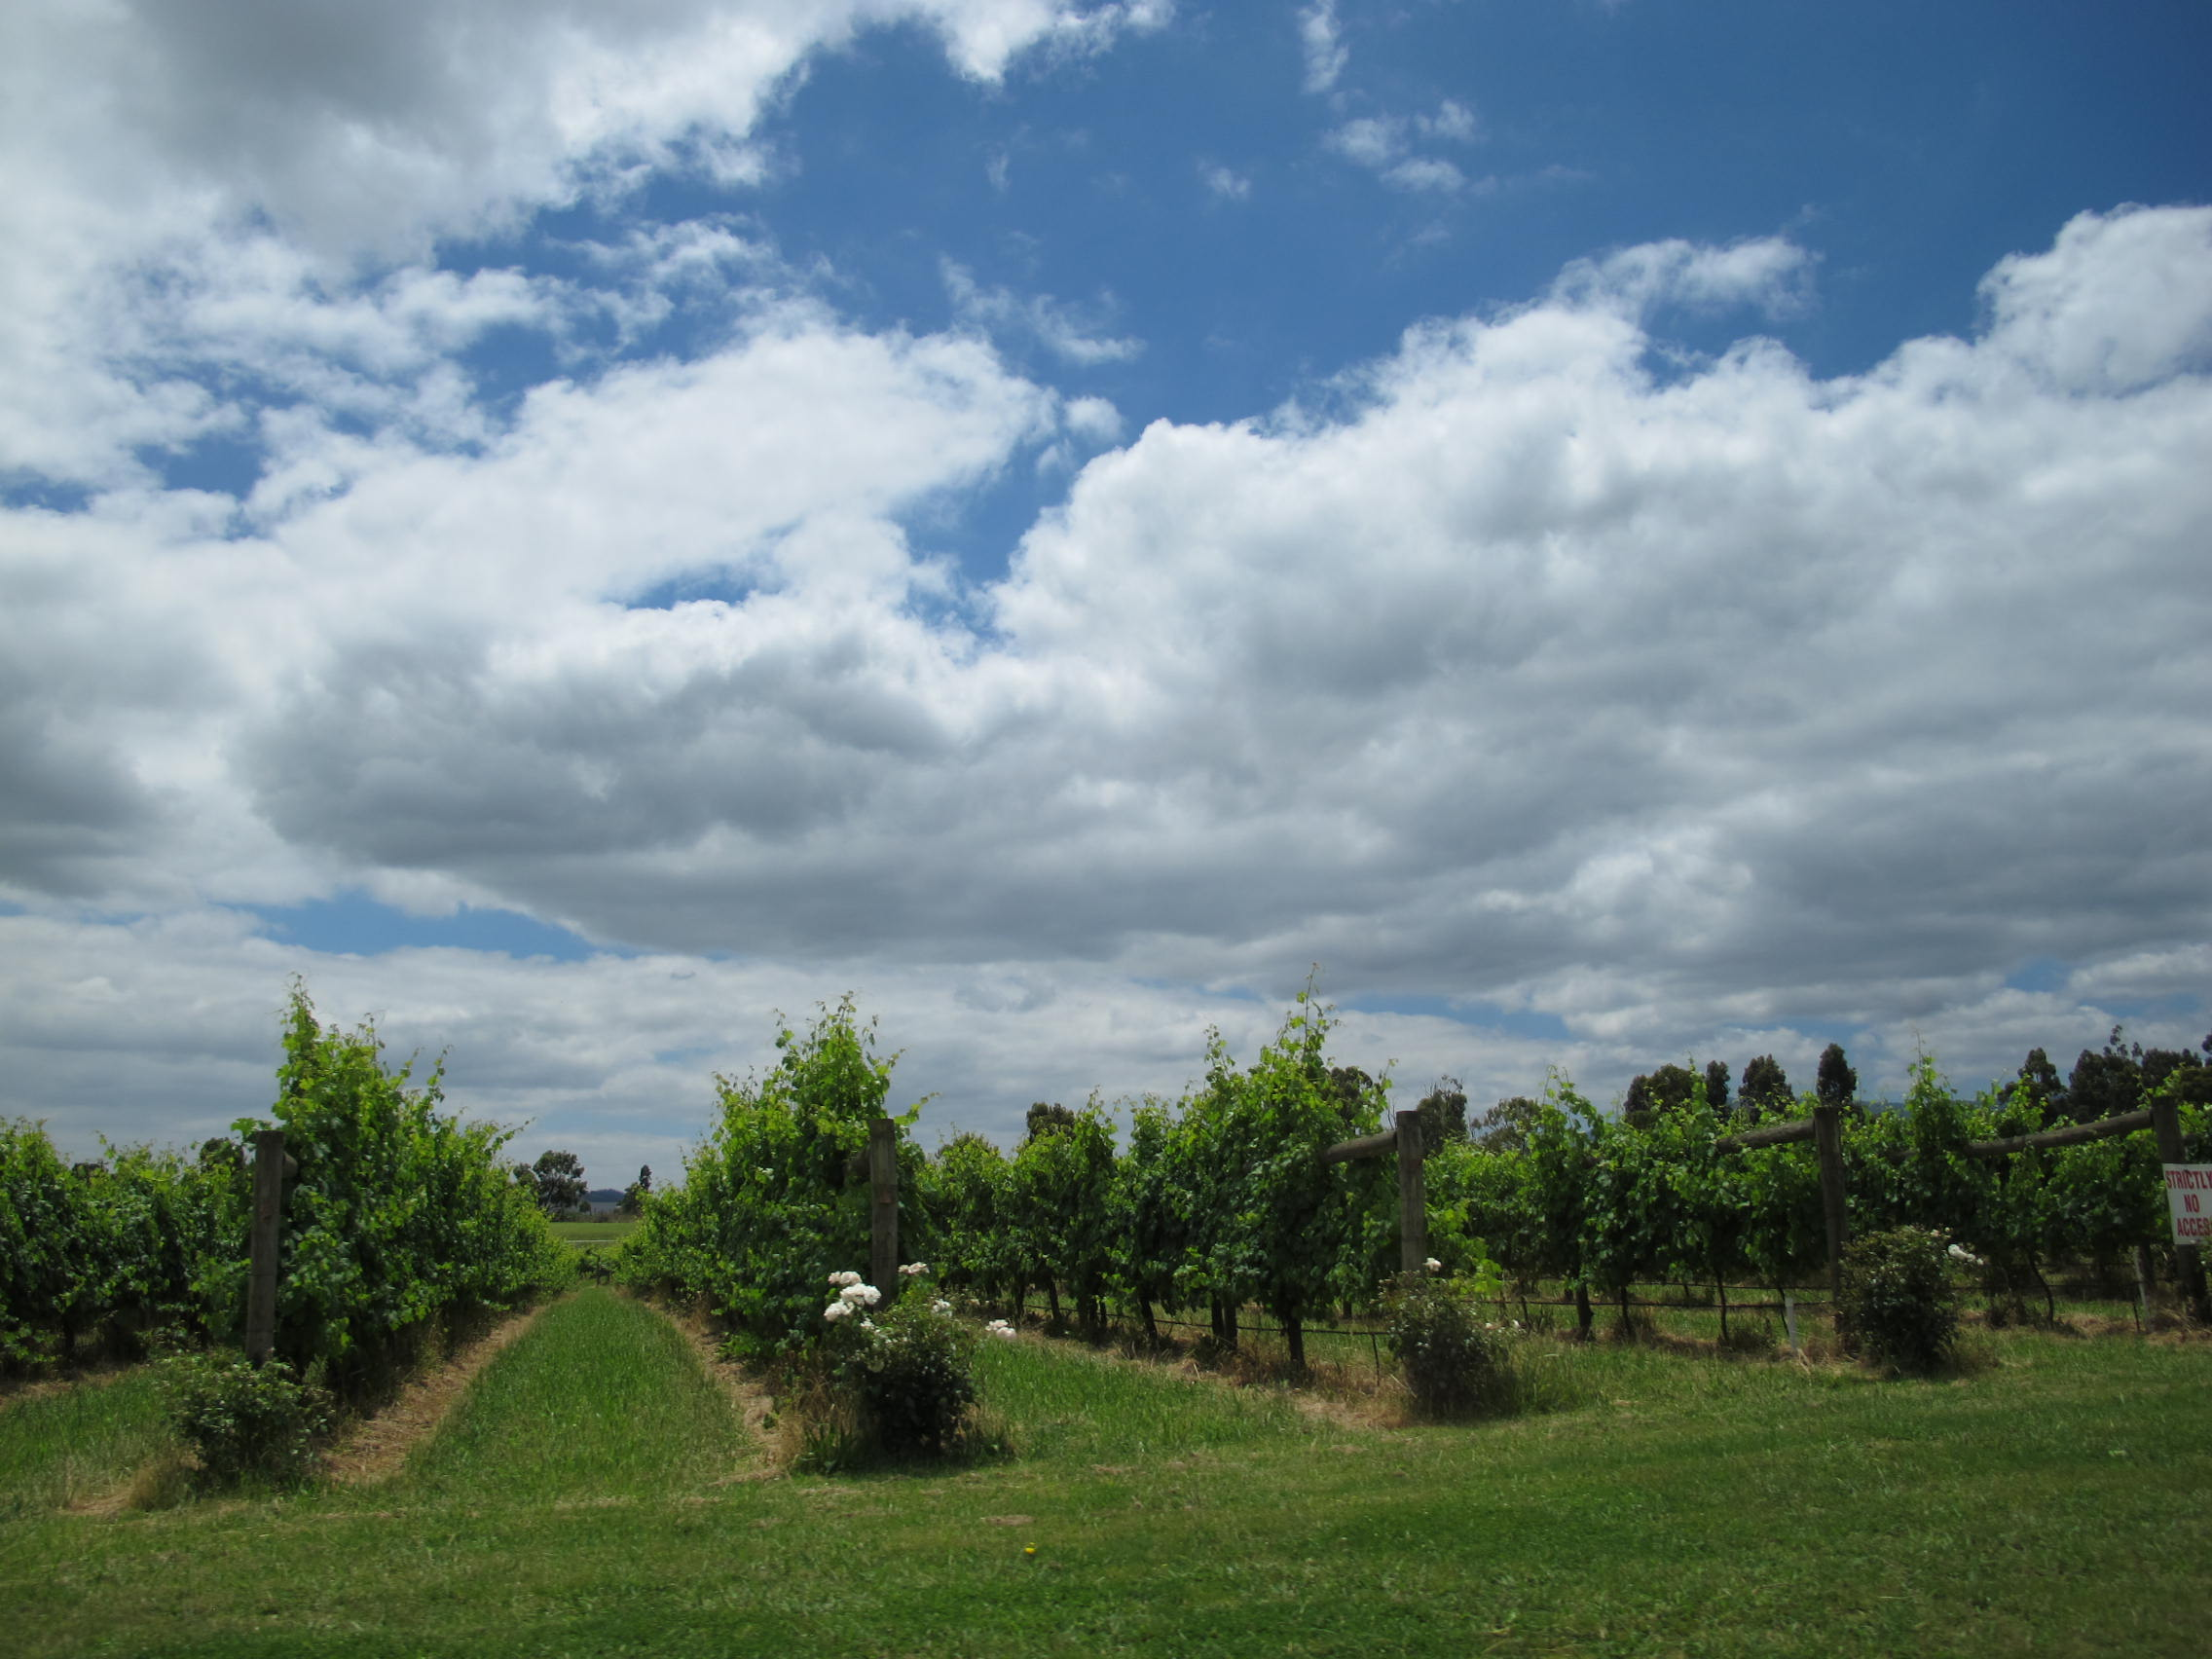 ワイン畑には必ずと言っていいほどバラが一緒に植えてあります。何故なのか?はぜひツアー中に答えを探してみてください。